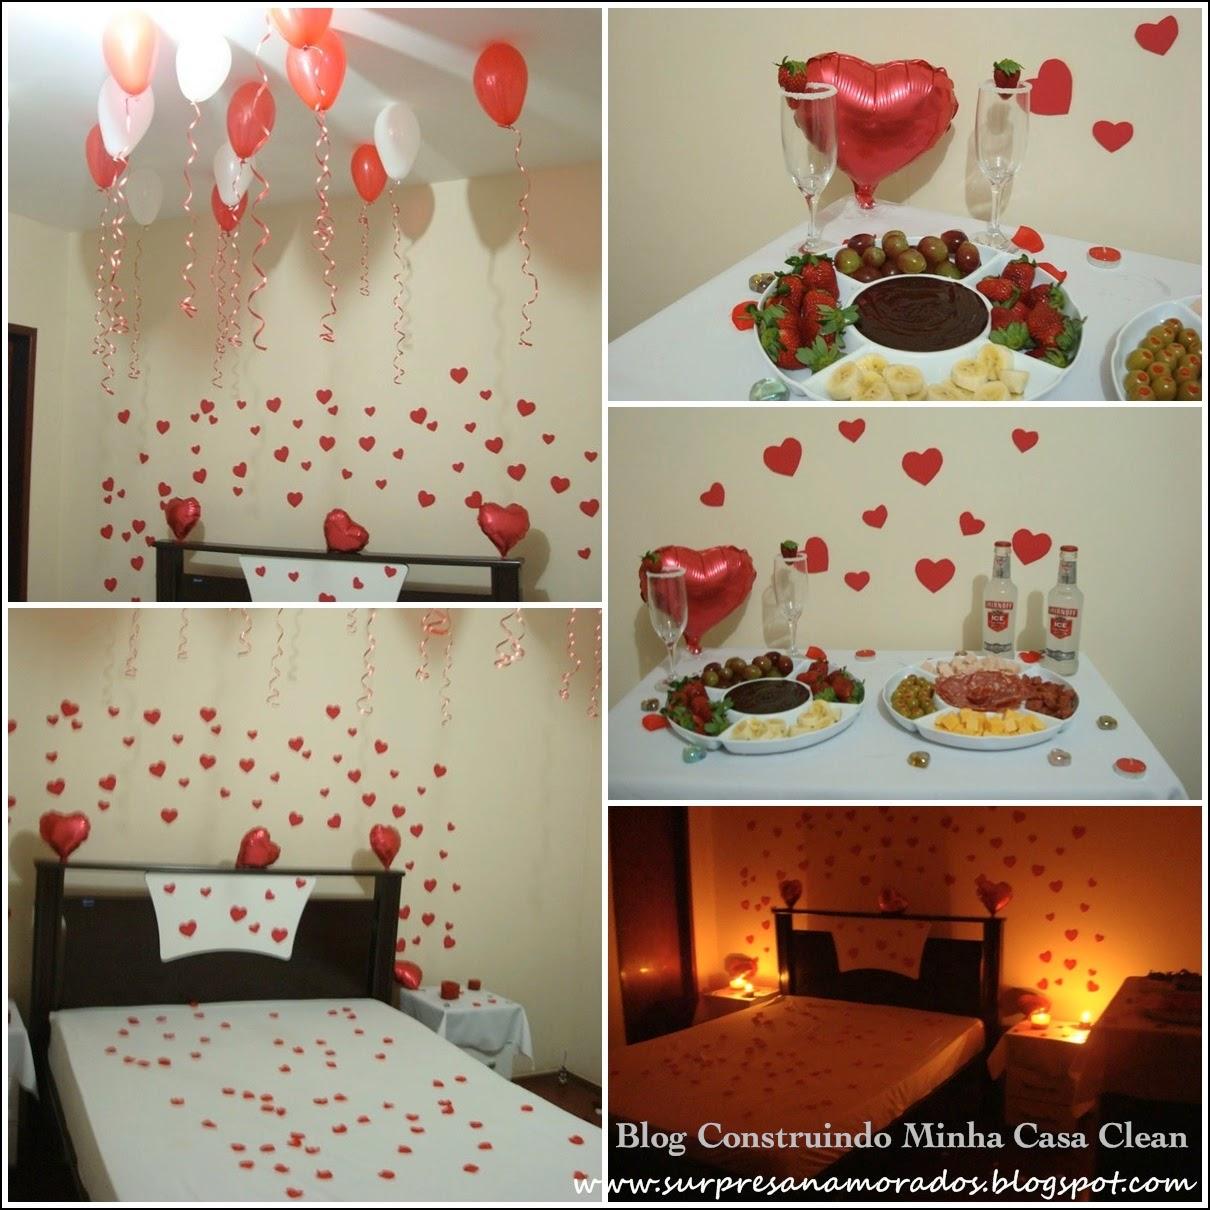 Balões no quarto e na sala de jantar! Pétalas de rosas vermelhas